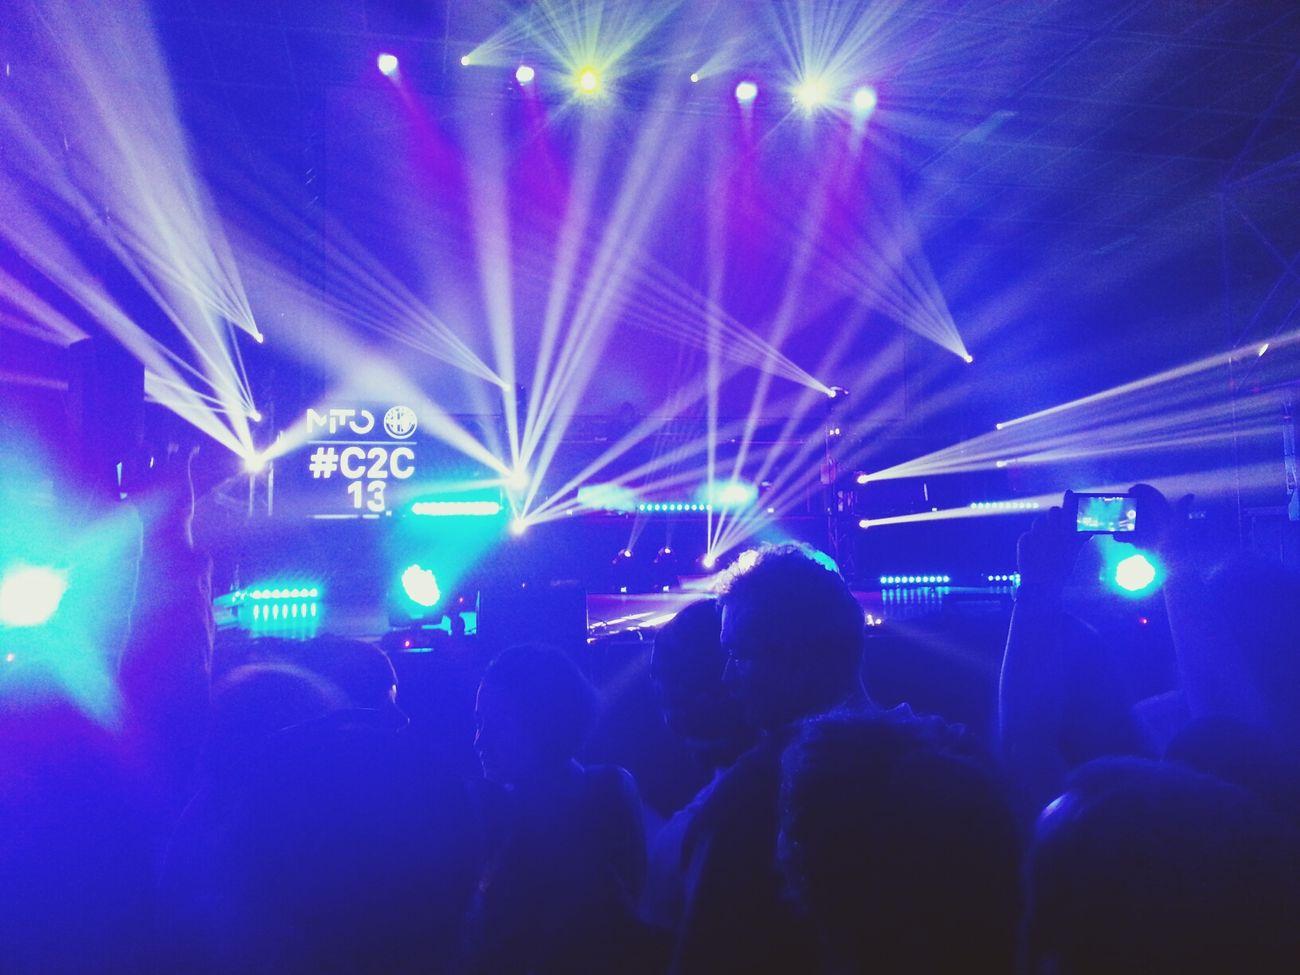 Julio Bashmore C2C C2c13 Music Festival